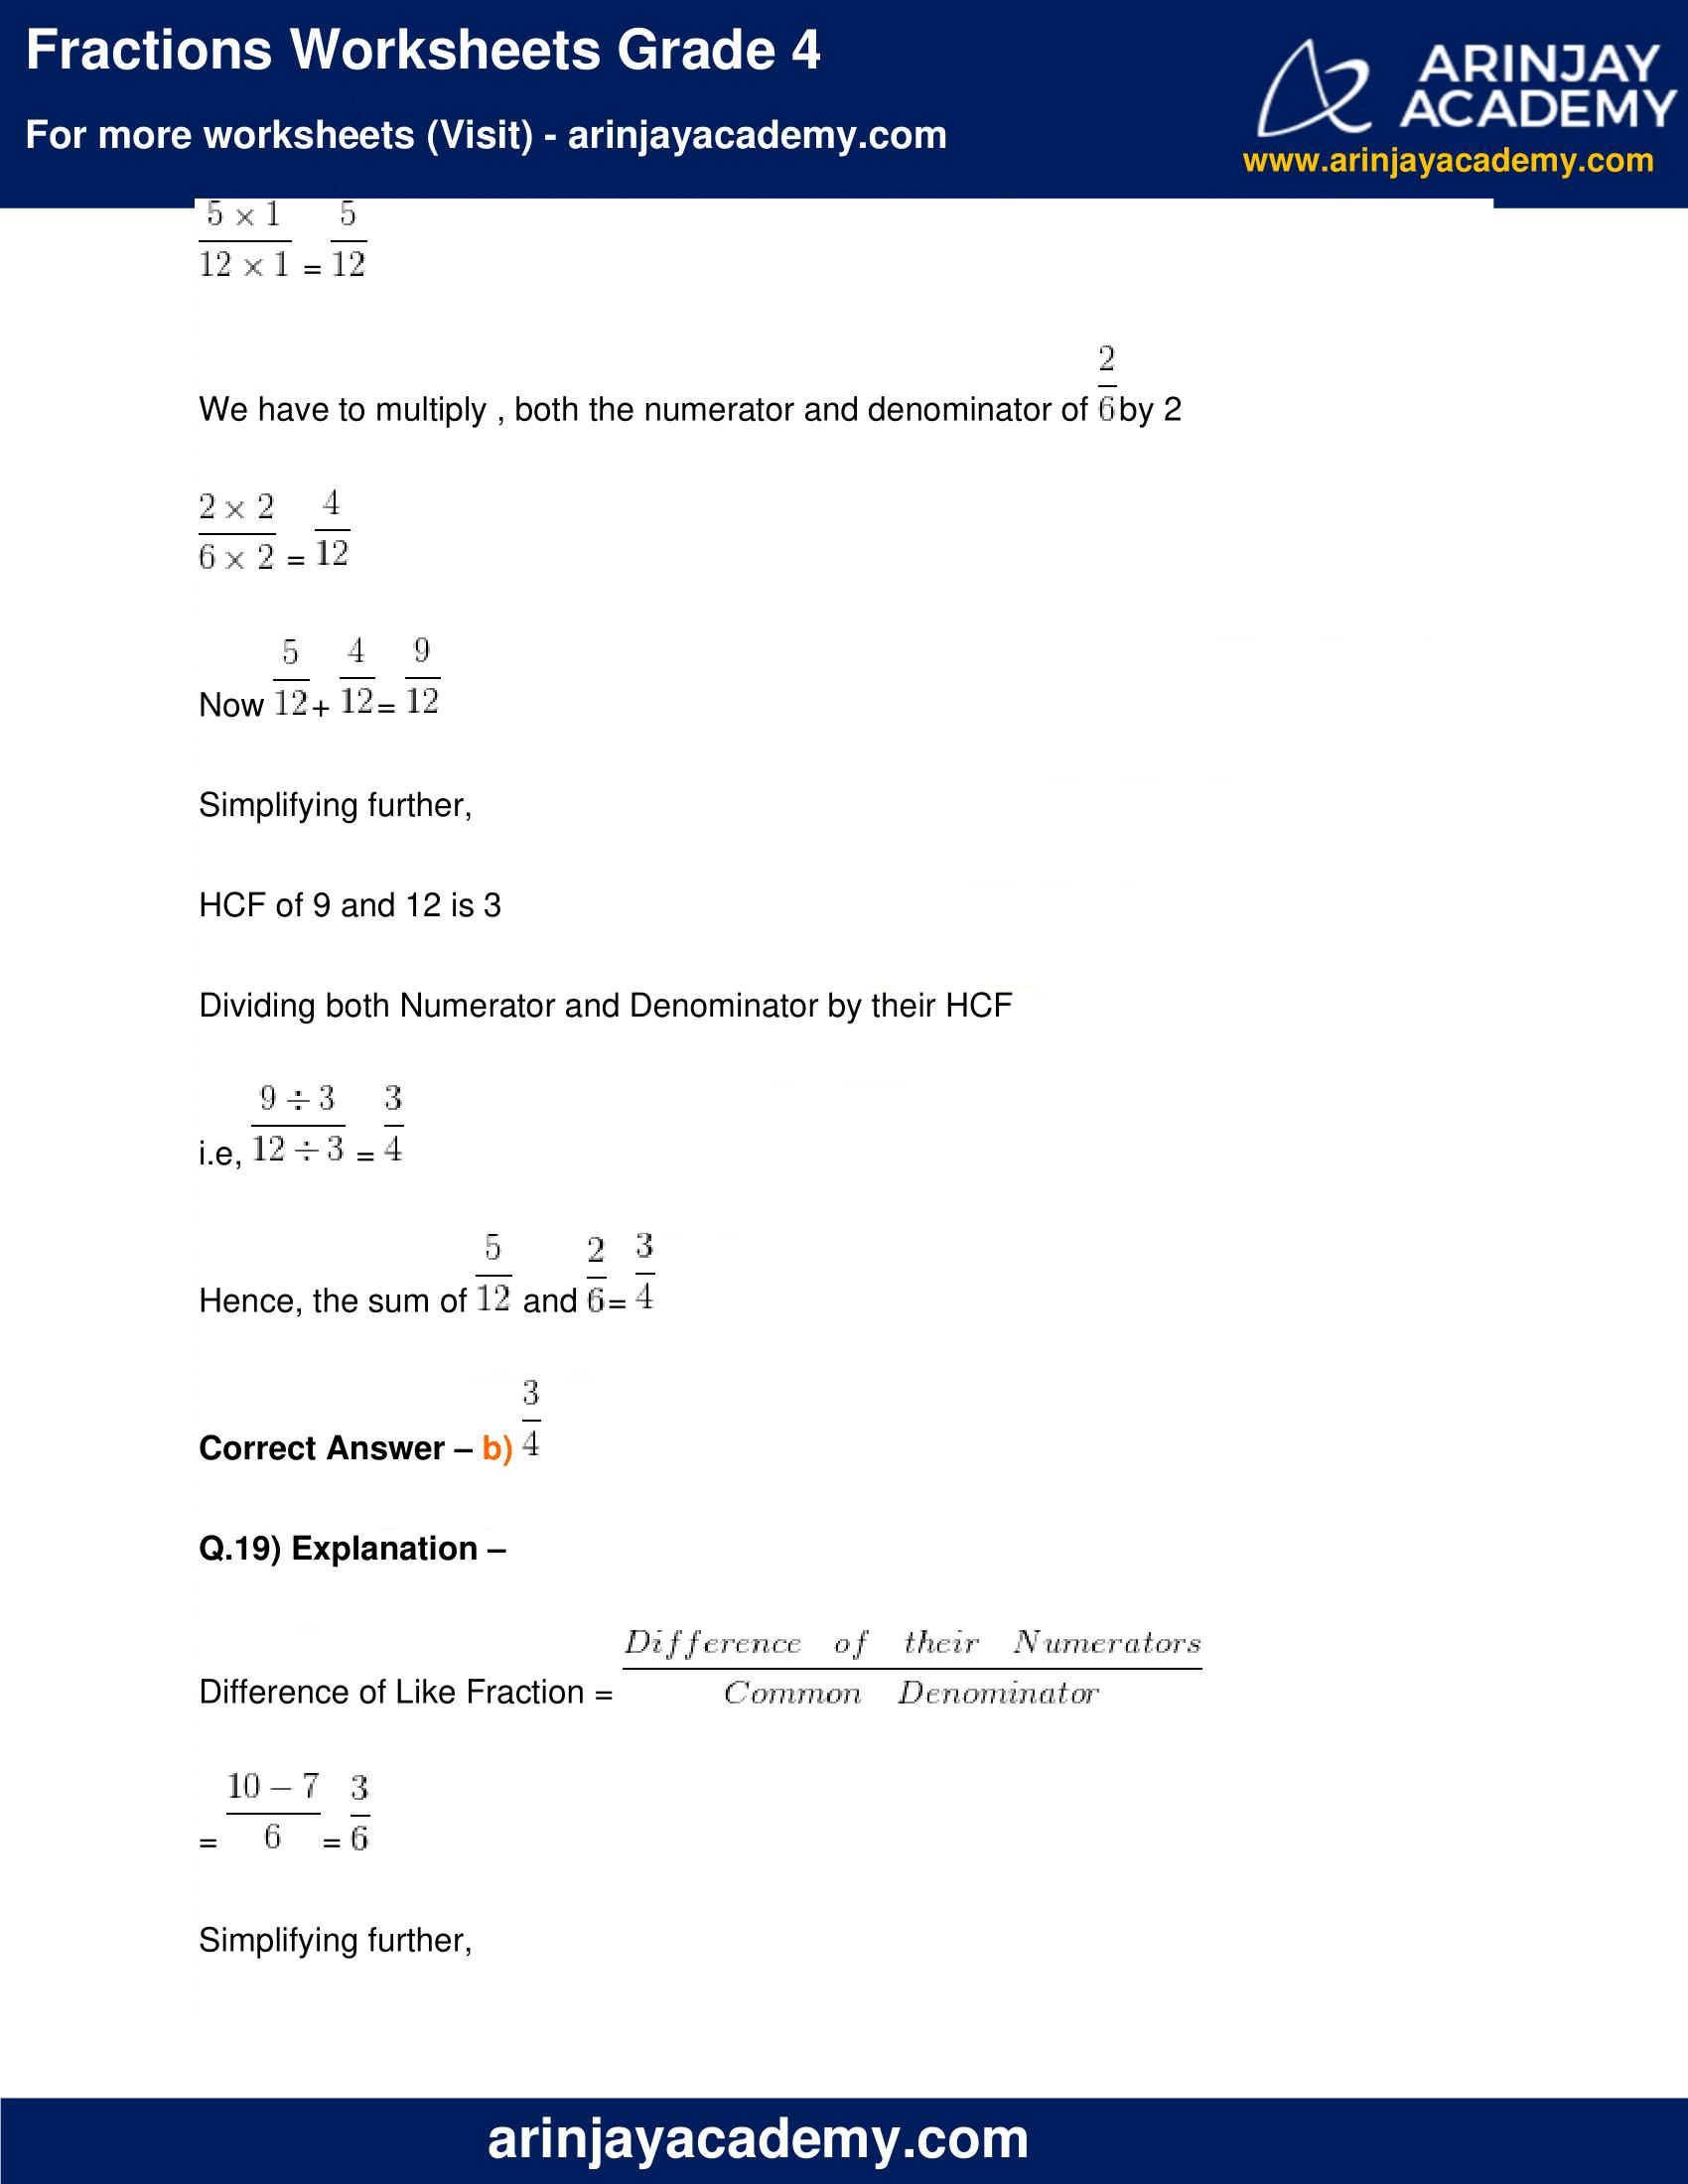 Fractions Worksheets Grade 4 image 17